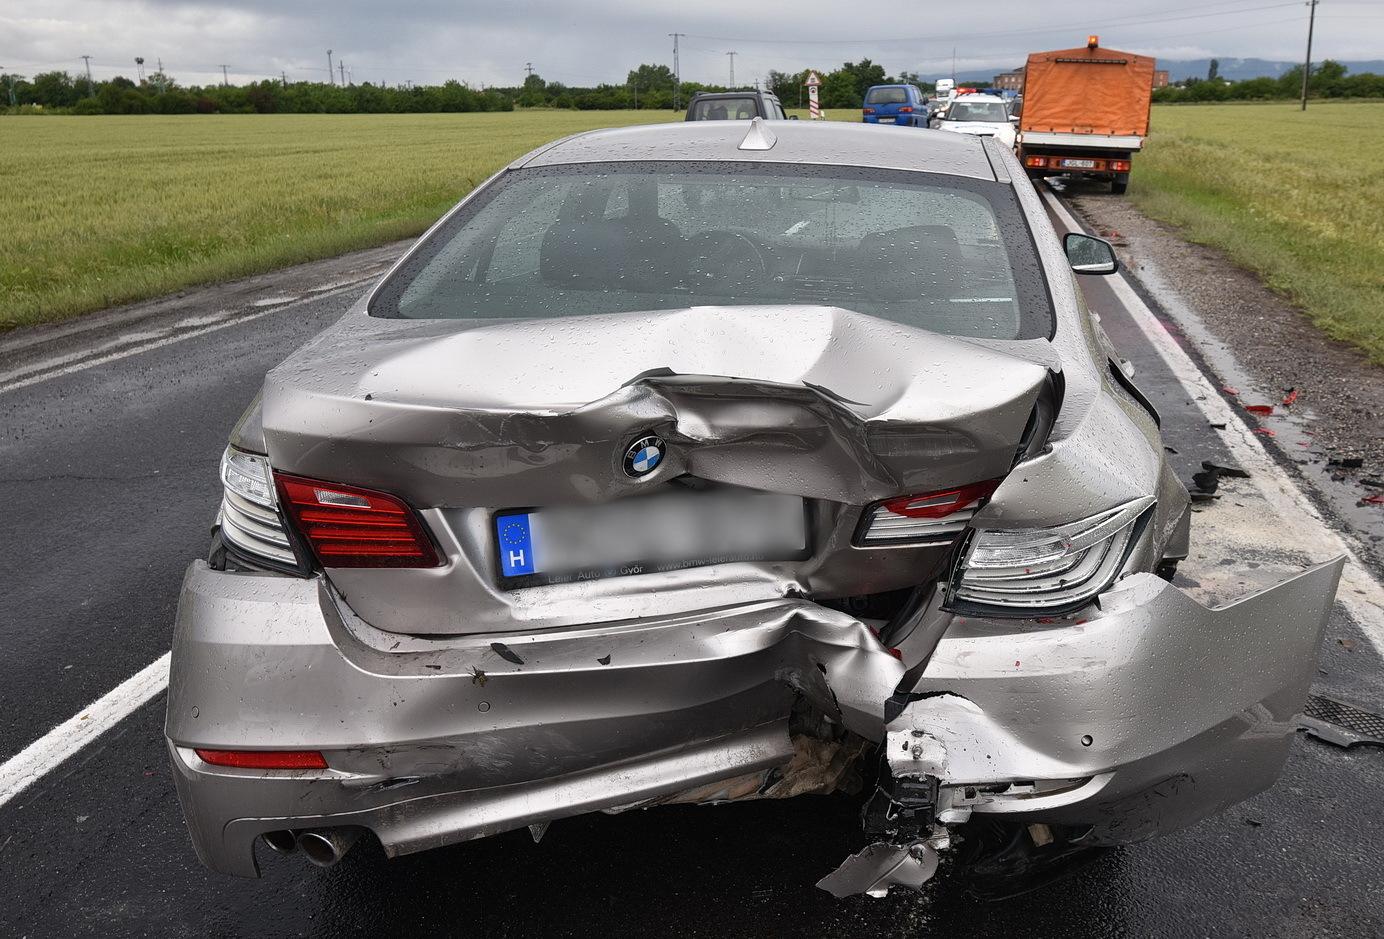 A BMW első útja az új tulajdonosnál, aki vétlen volt a balesetben